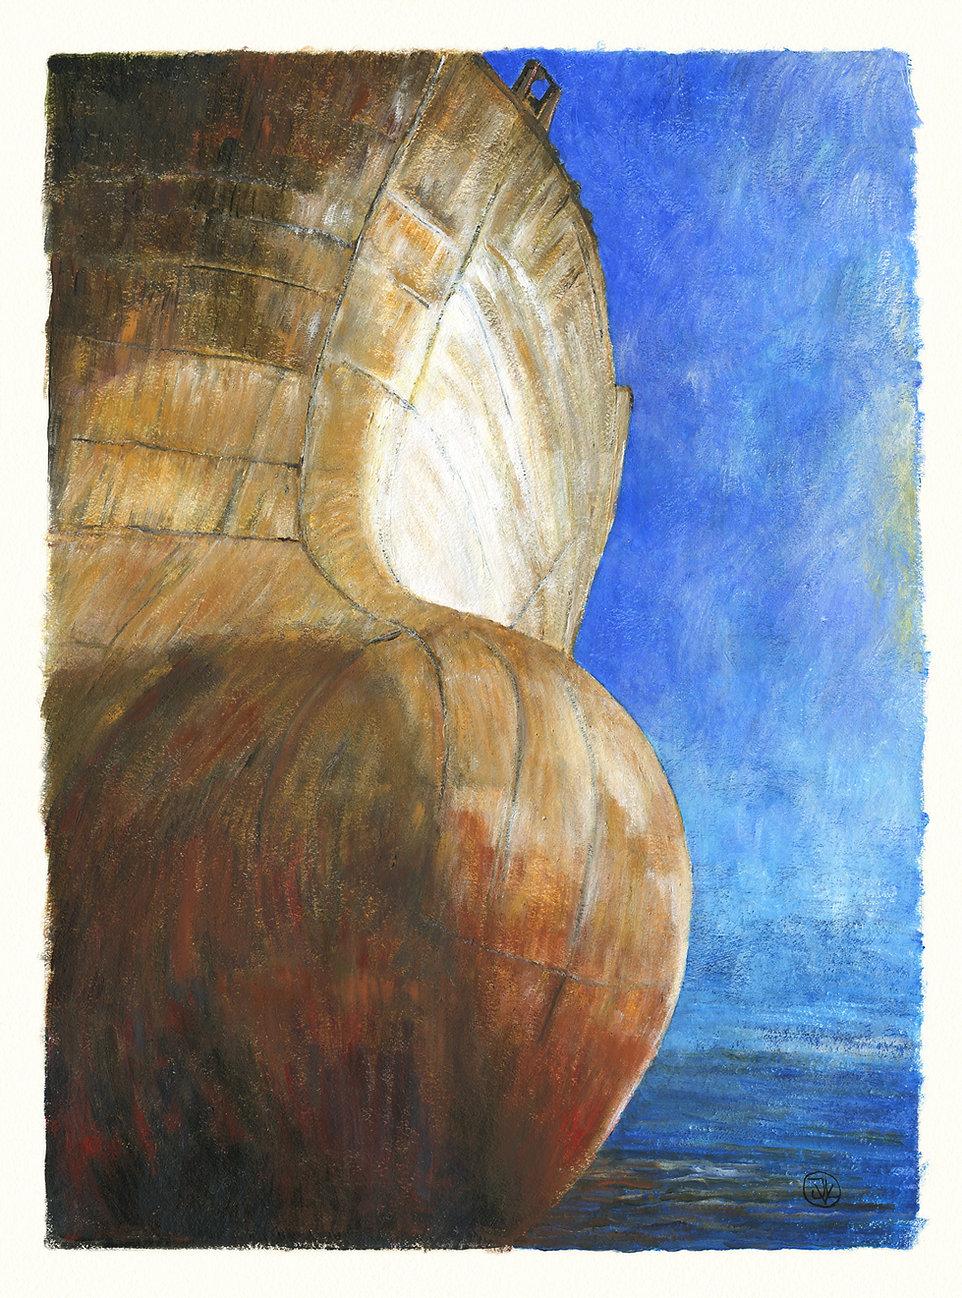 Contraste entre les ocres de Roussillon teintant les aciers de ce bulbe d'étrave et les bleus azuréens des ciels estompés par les brumes matutinales se fondant dans une mer aux nuances indigo